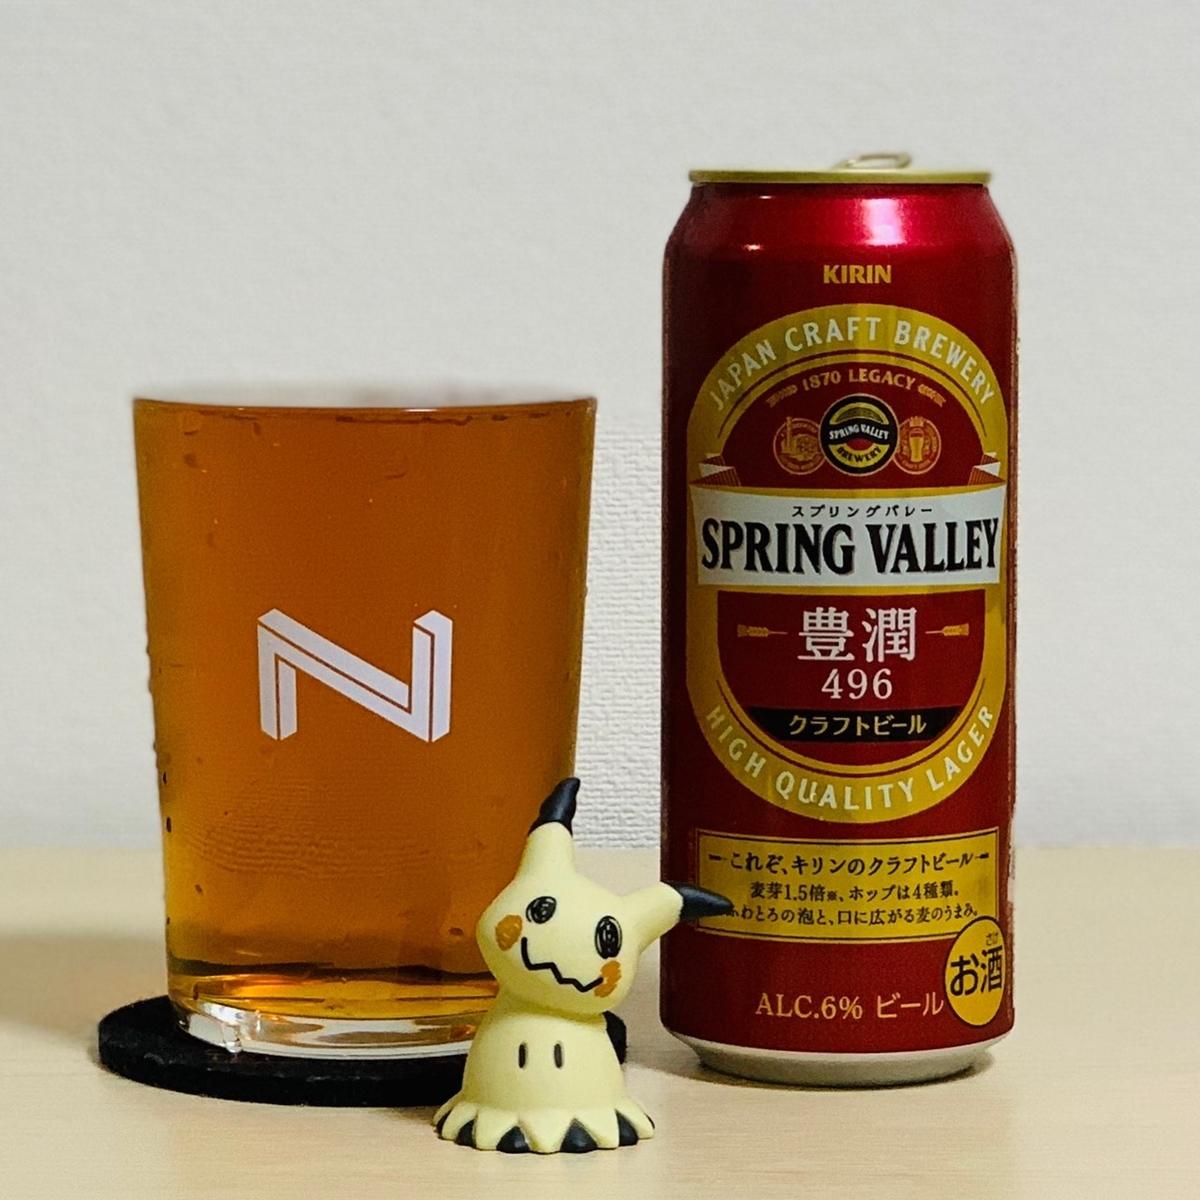 コンビニで買ったクラフトビール「スプリングバレー」